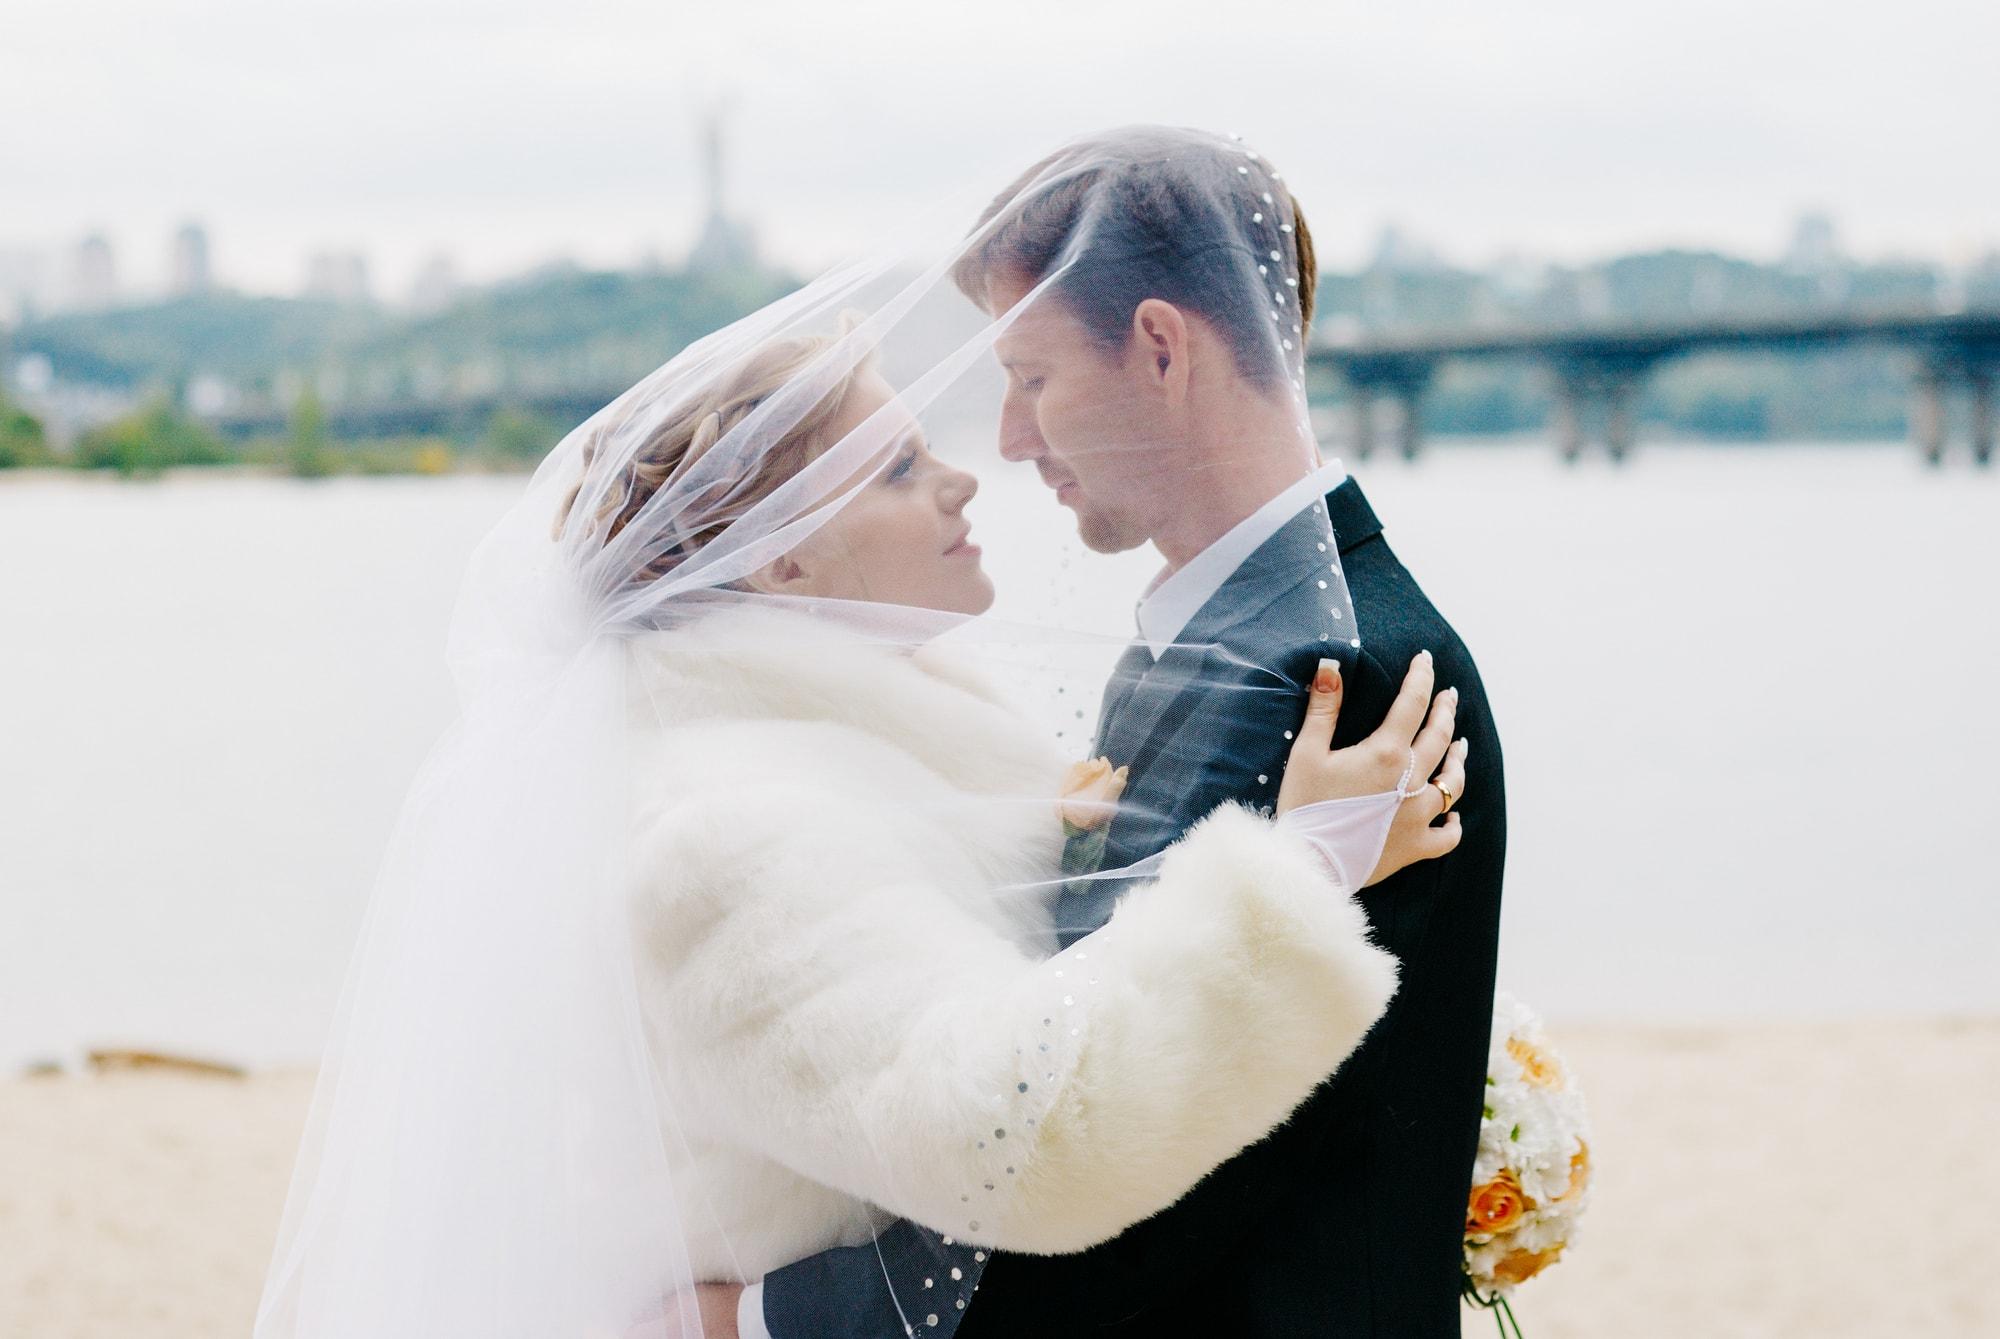 Фотография влюбленной пары на берегу реки - Фотограф Киев - Женя Лайт